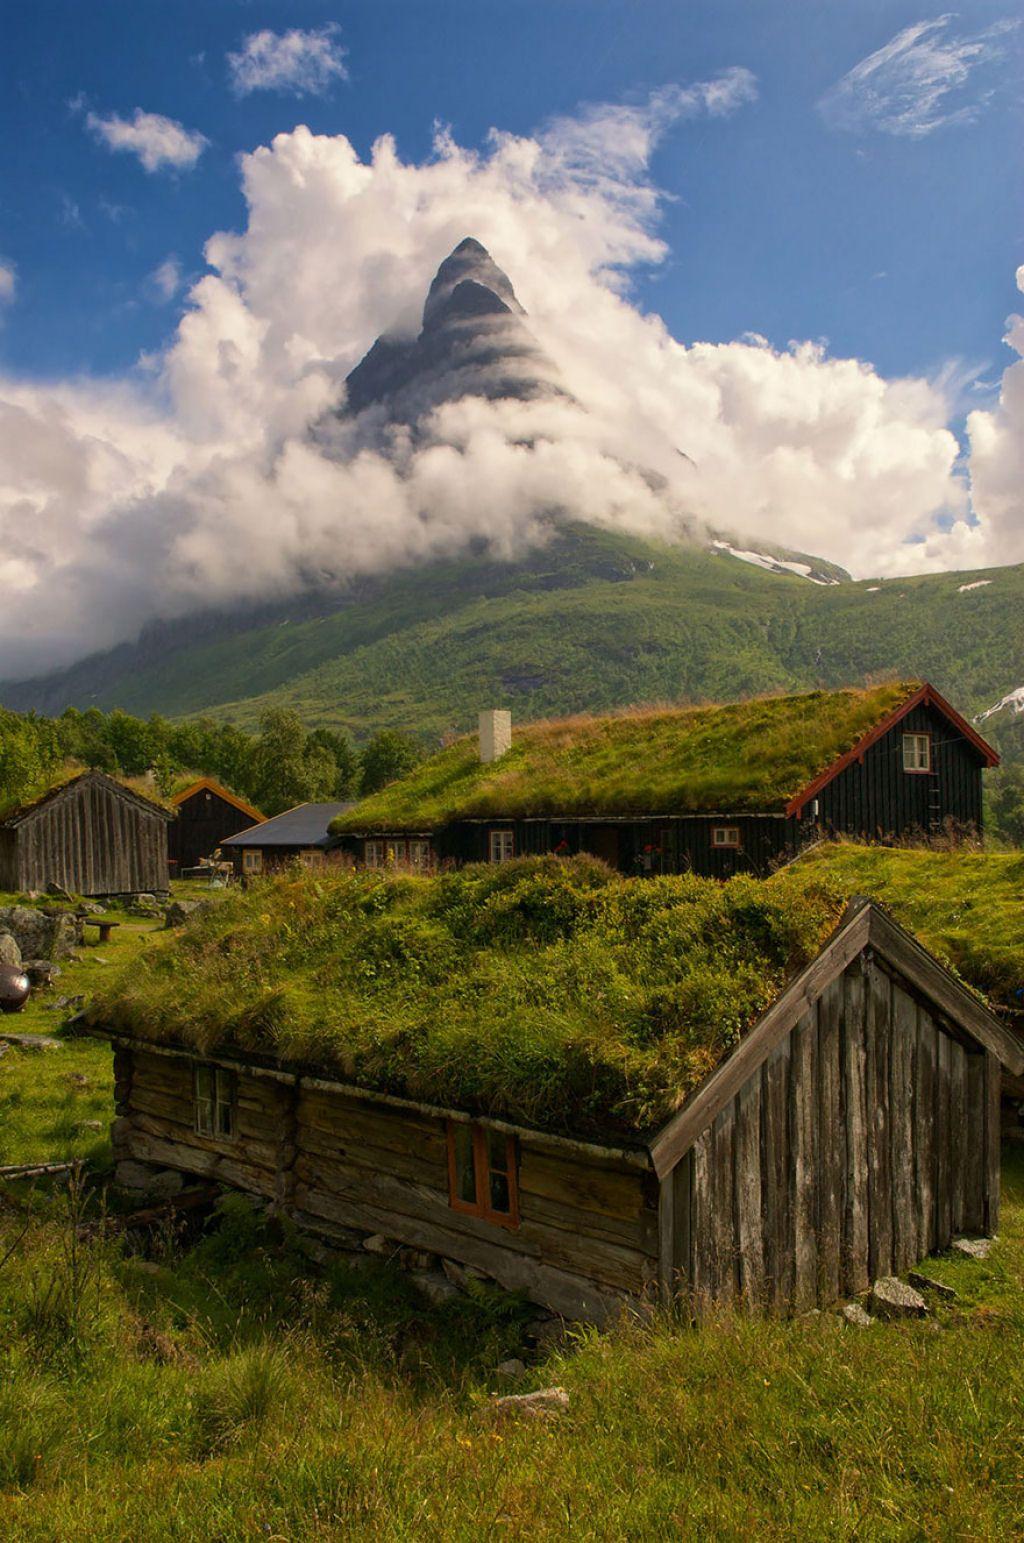 10 casas escandinavas com telhados verdes que parecem sacadas de um conto 03